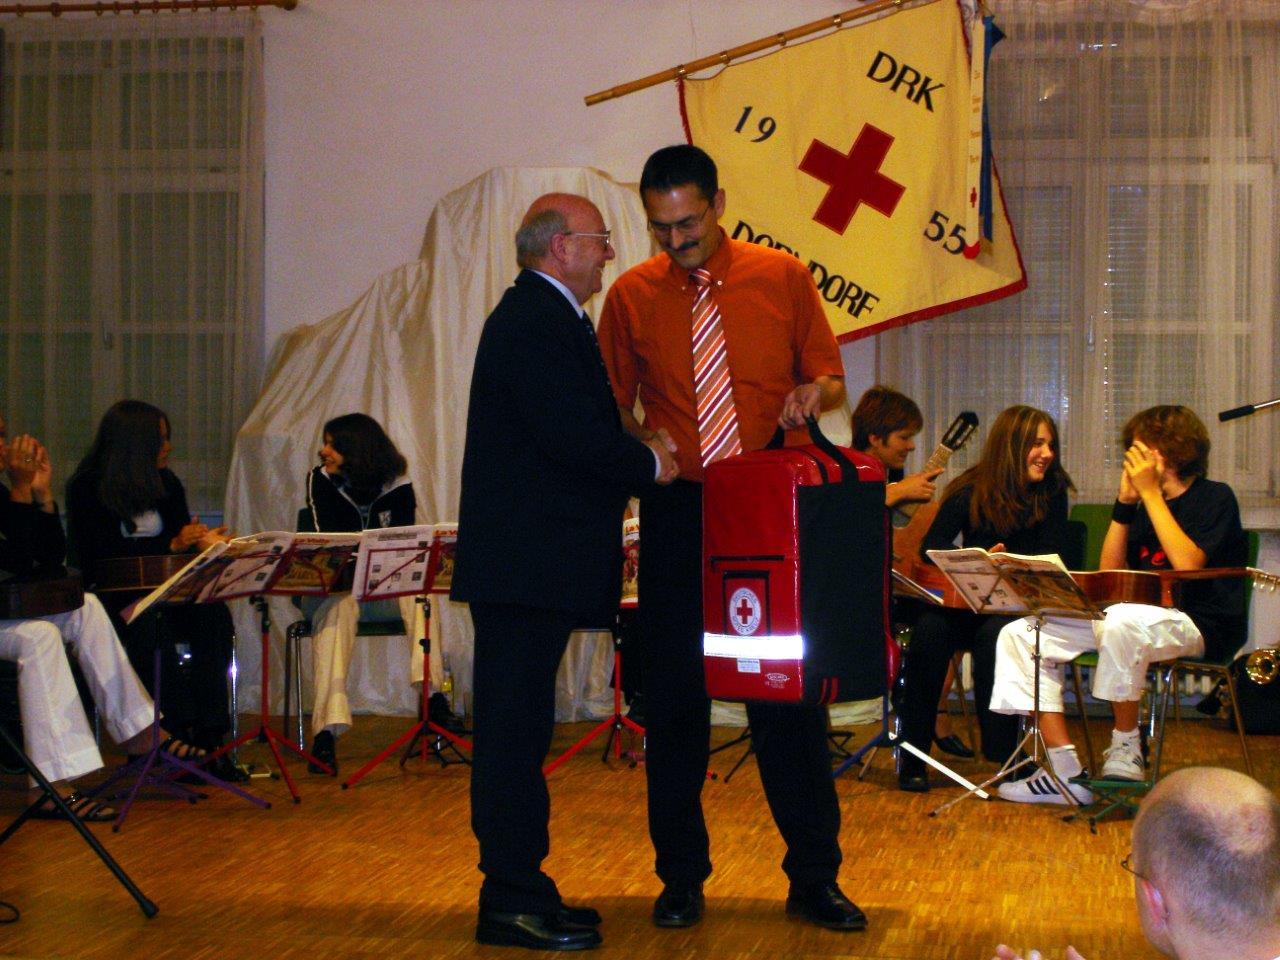 Übergabe eines neues Notfallrucksackes um die Ersthelfergruppe zu vergrößern